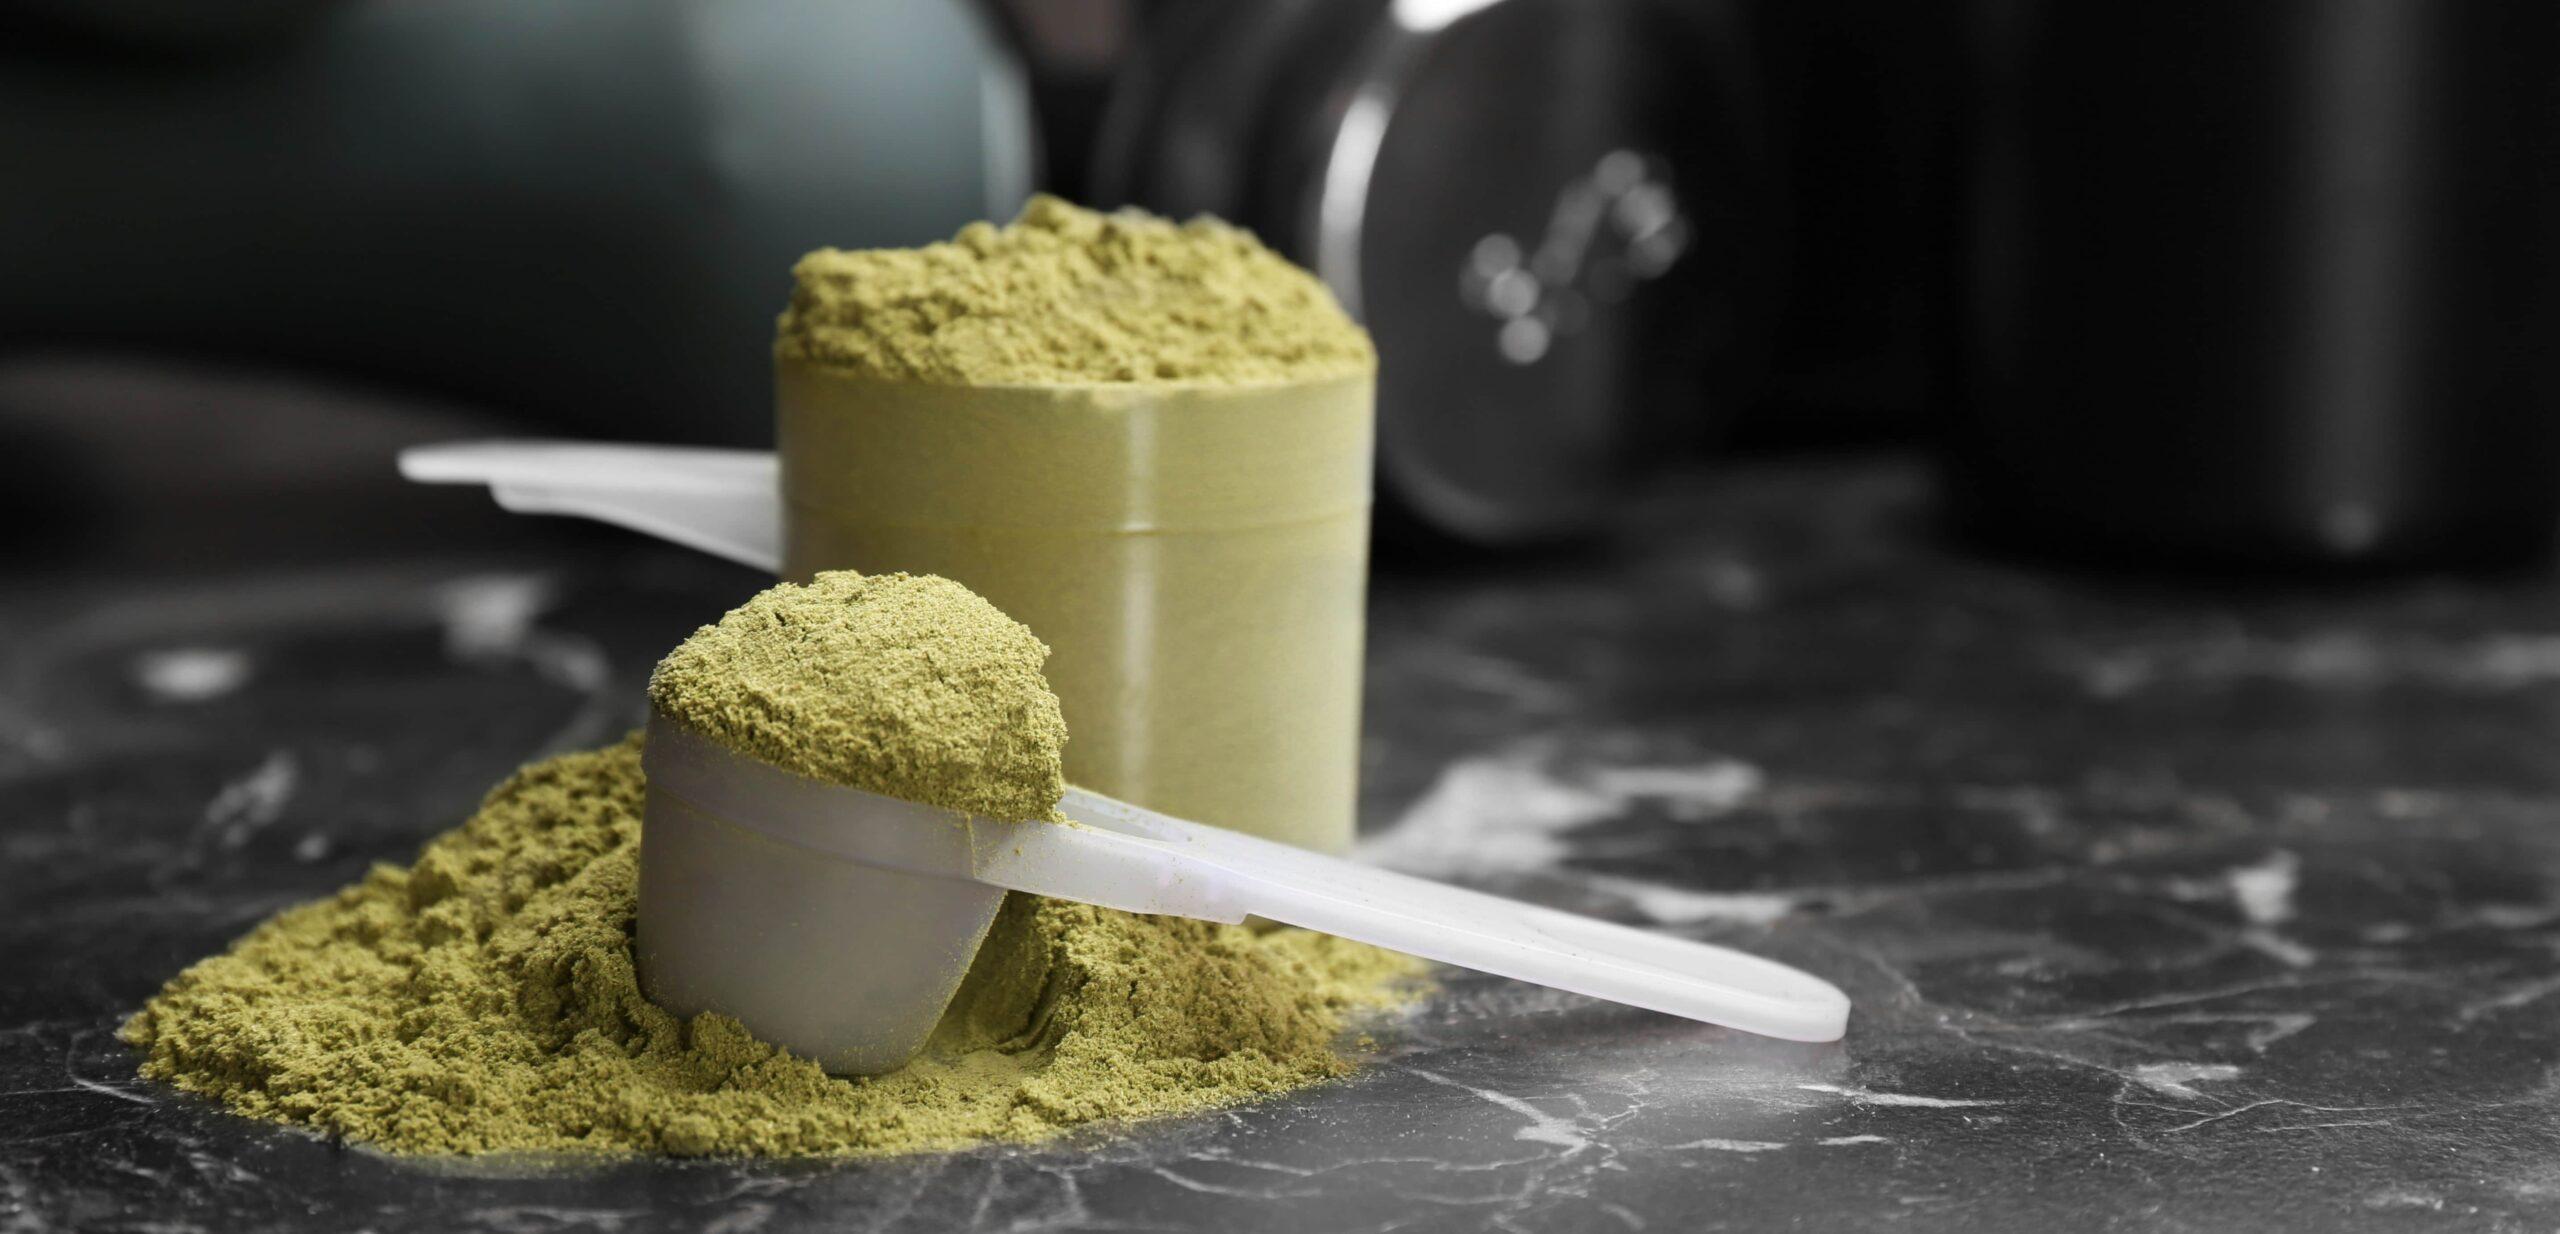 proteine vegane per la palestra e il bodybuilding